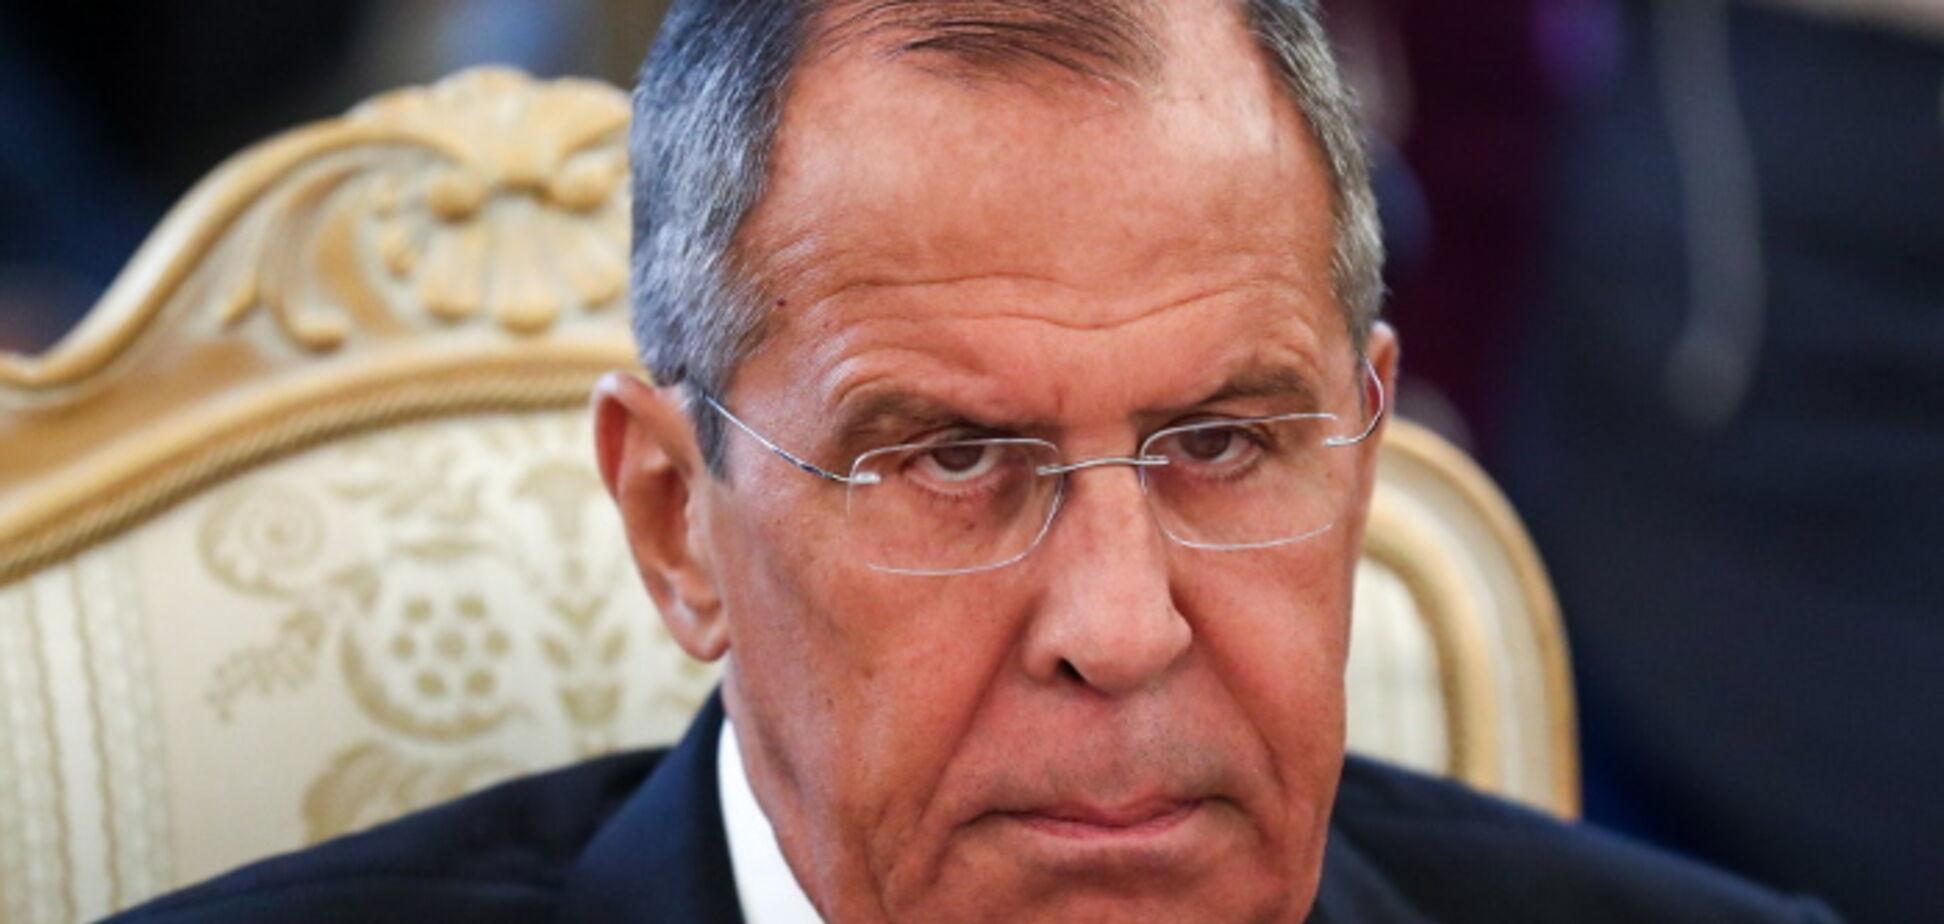 ''Мало не покажется'': Лавров пригрозил Украине войной из-за Крыма